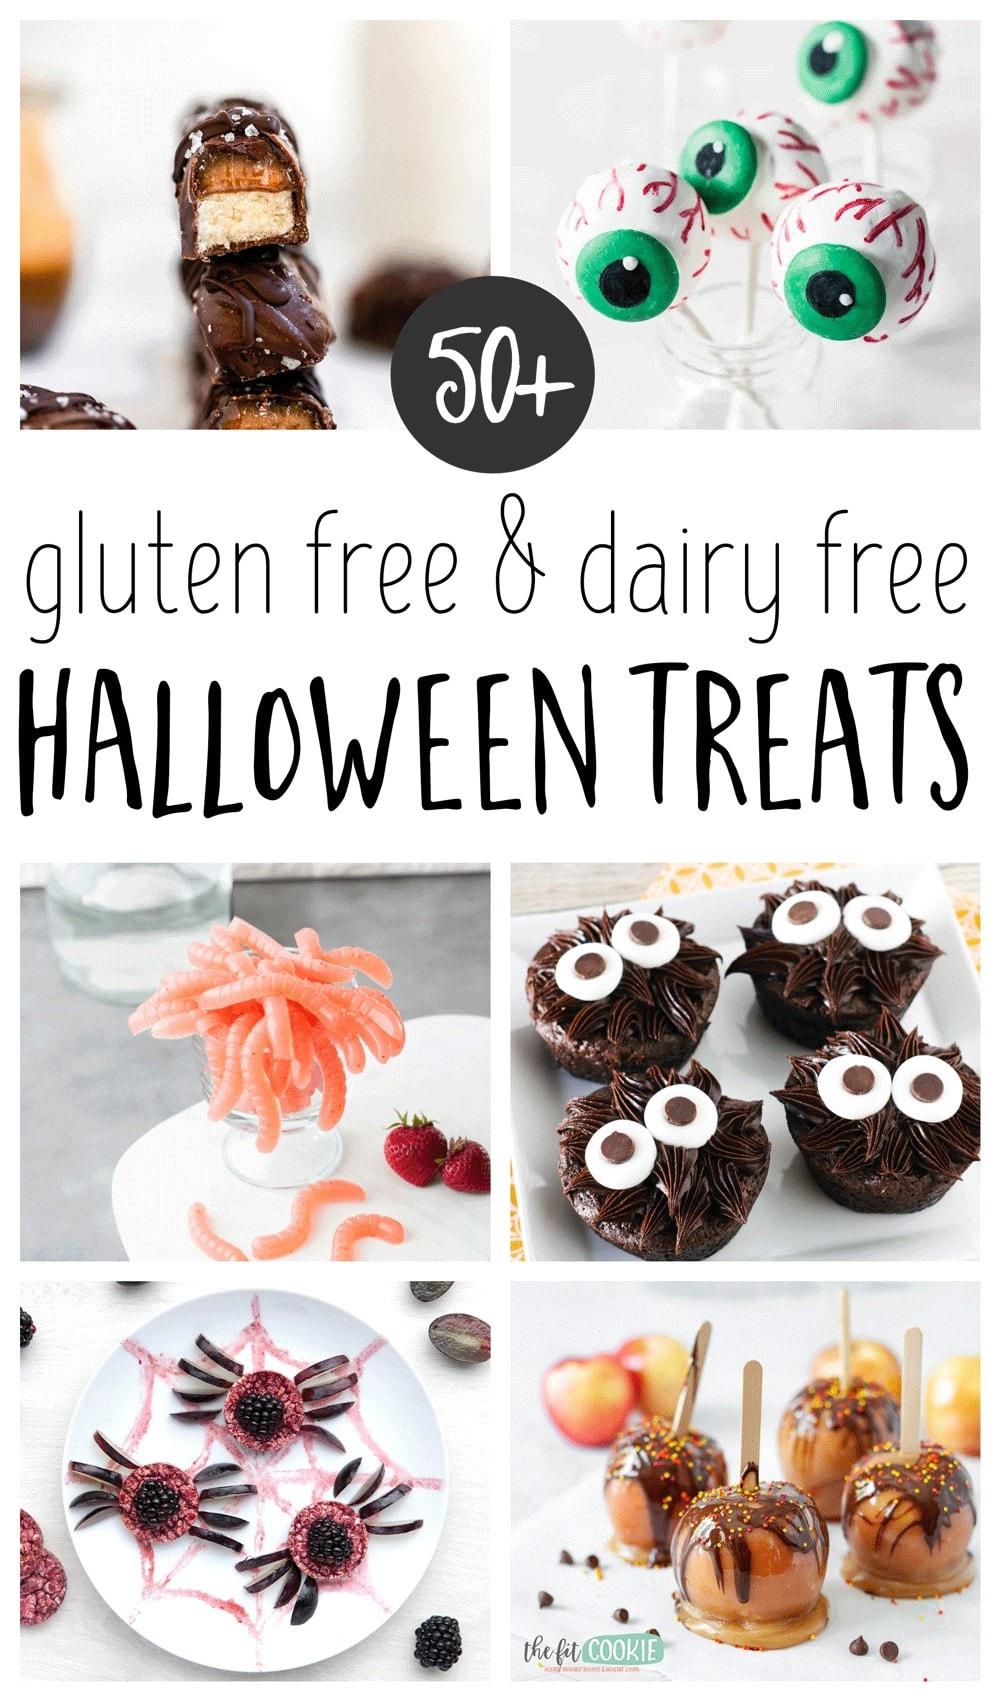 photo collage of gluten free Halloween treats